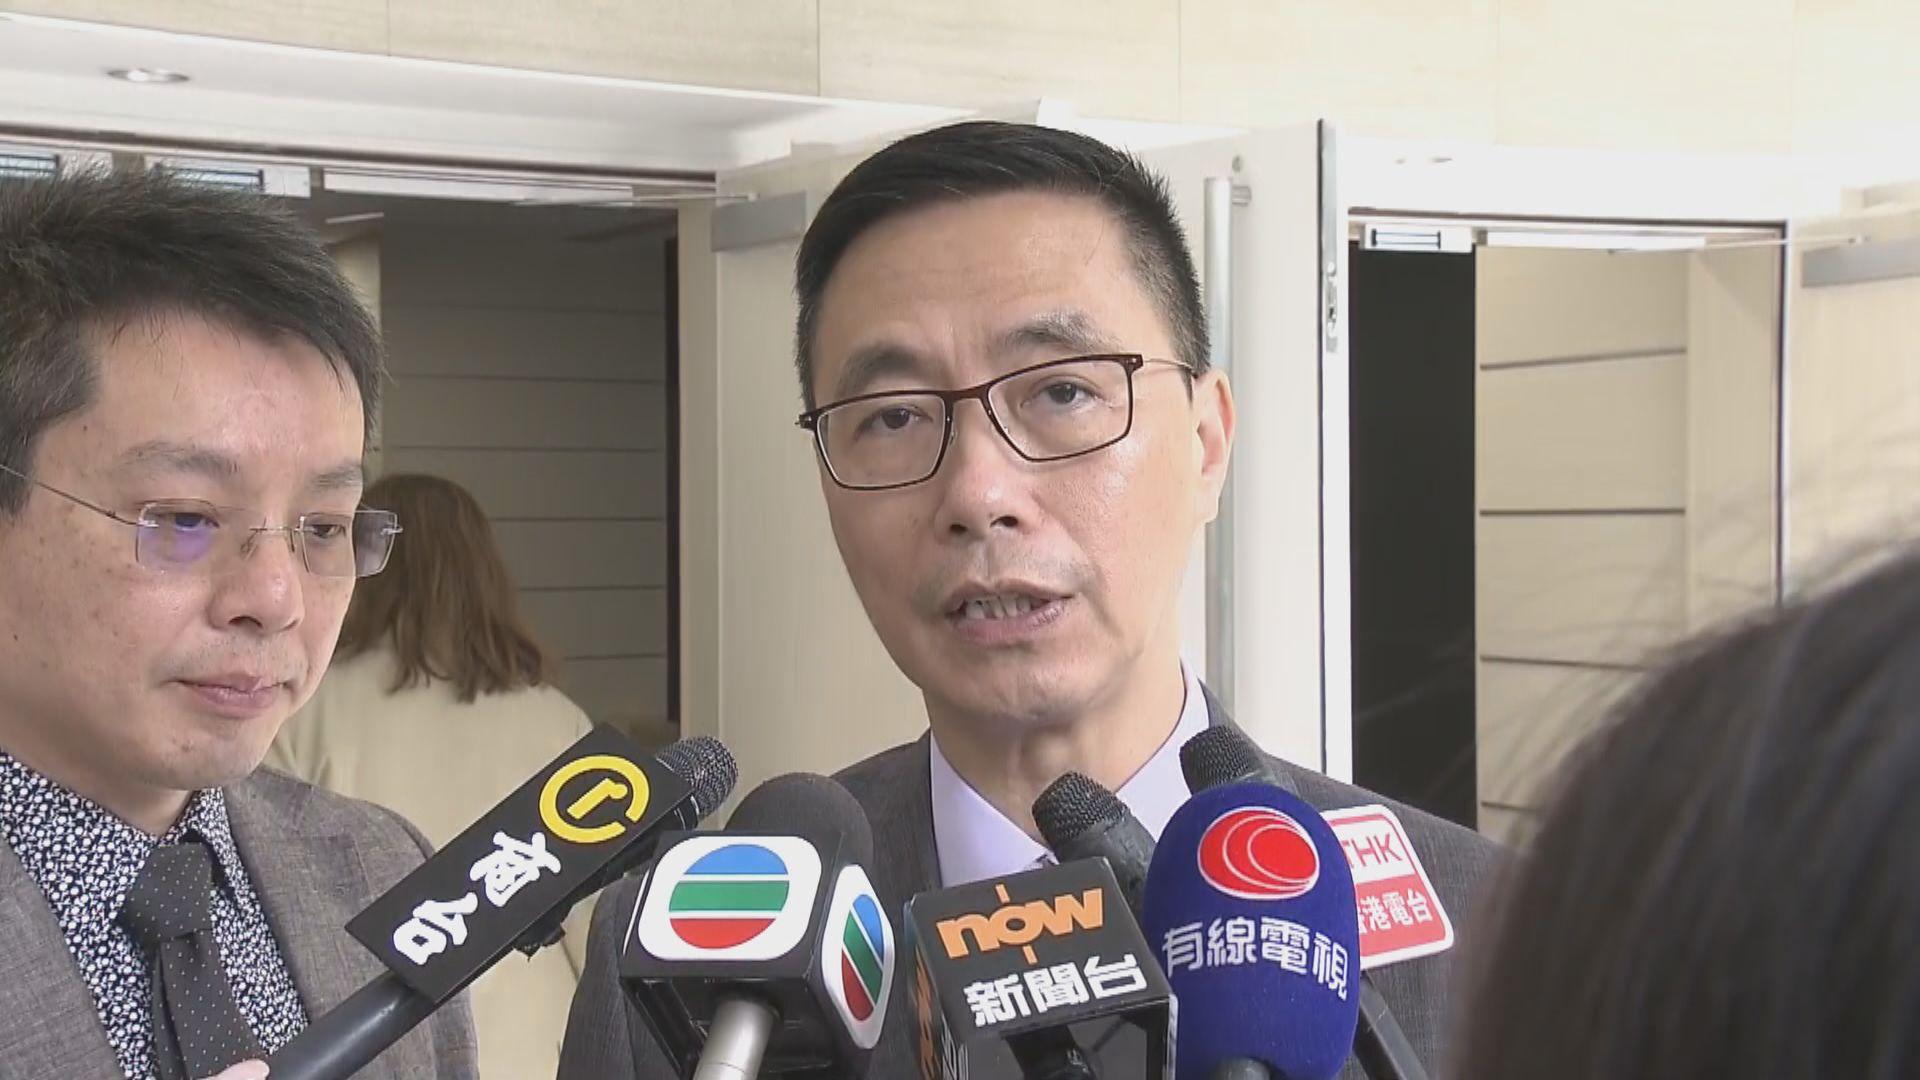 楊潤雄:會檢討對私校日常監察